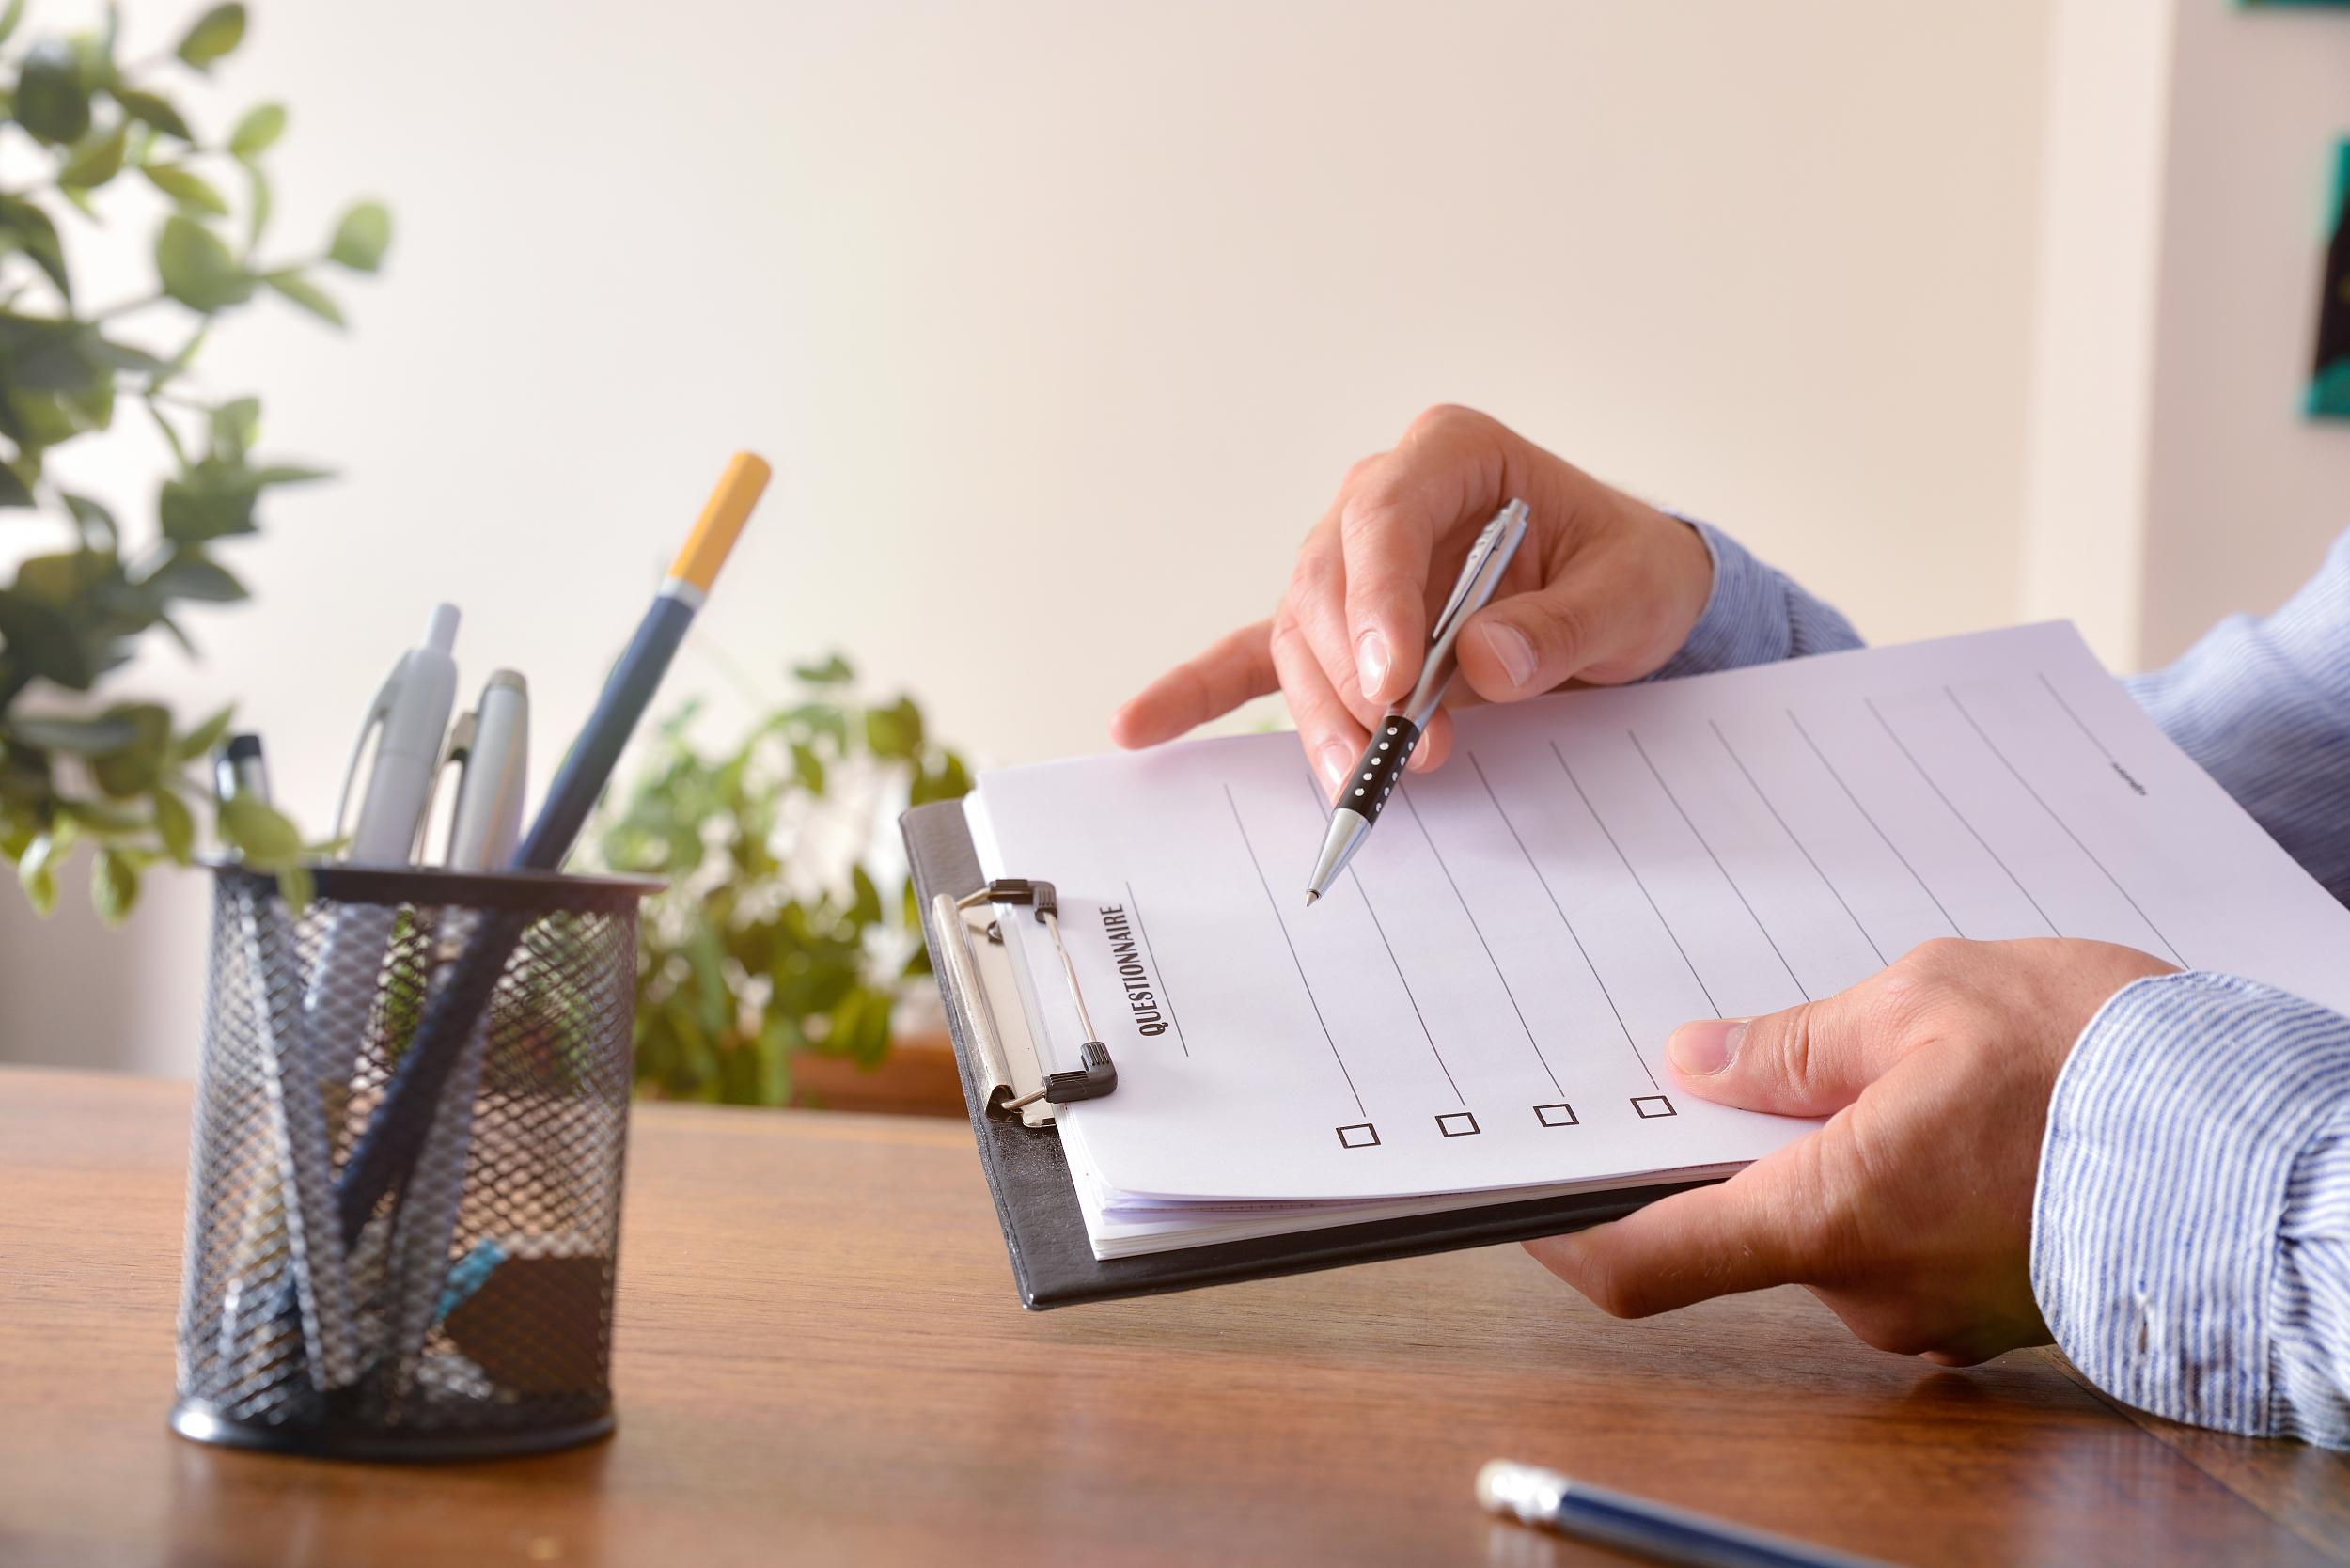 To B内容营销该怎么做?打造标杆客户五步法 | 专家干货